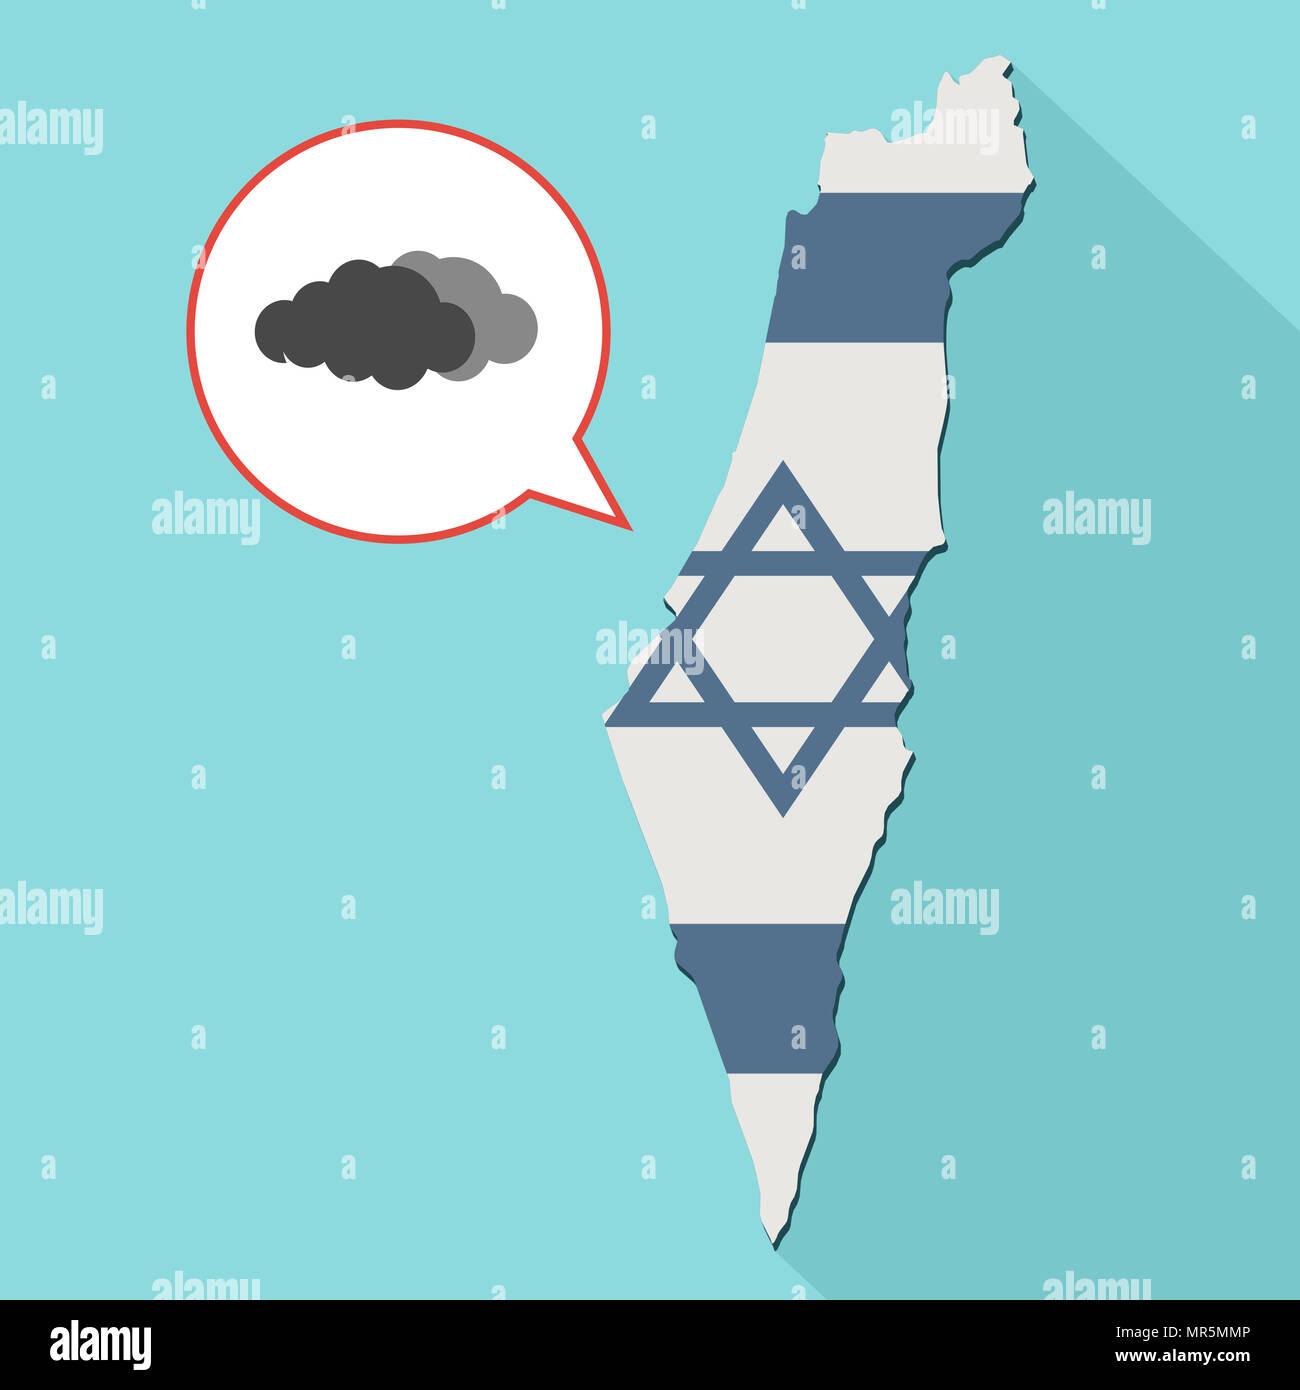 Ilustración de una larga sombra Israel mapa con su bandera y un cómic de globo con nubes Imagen De Stock